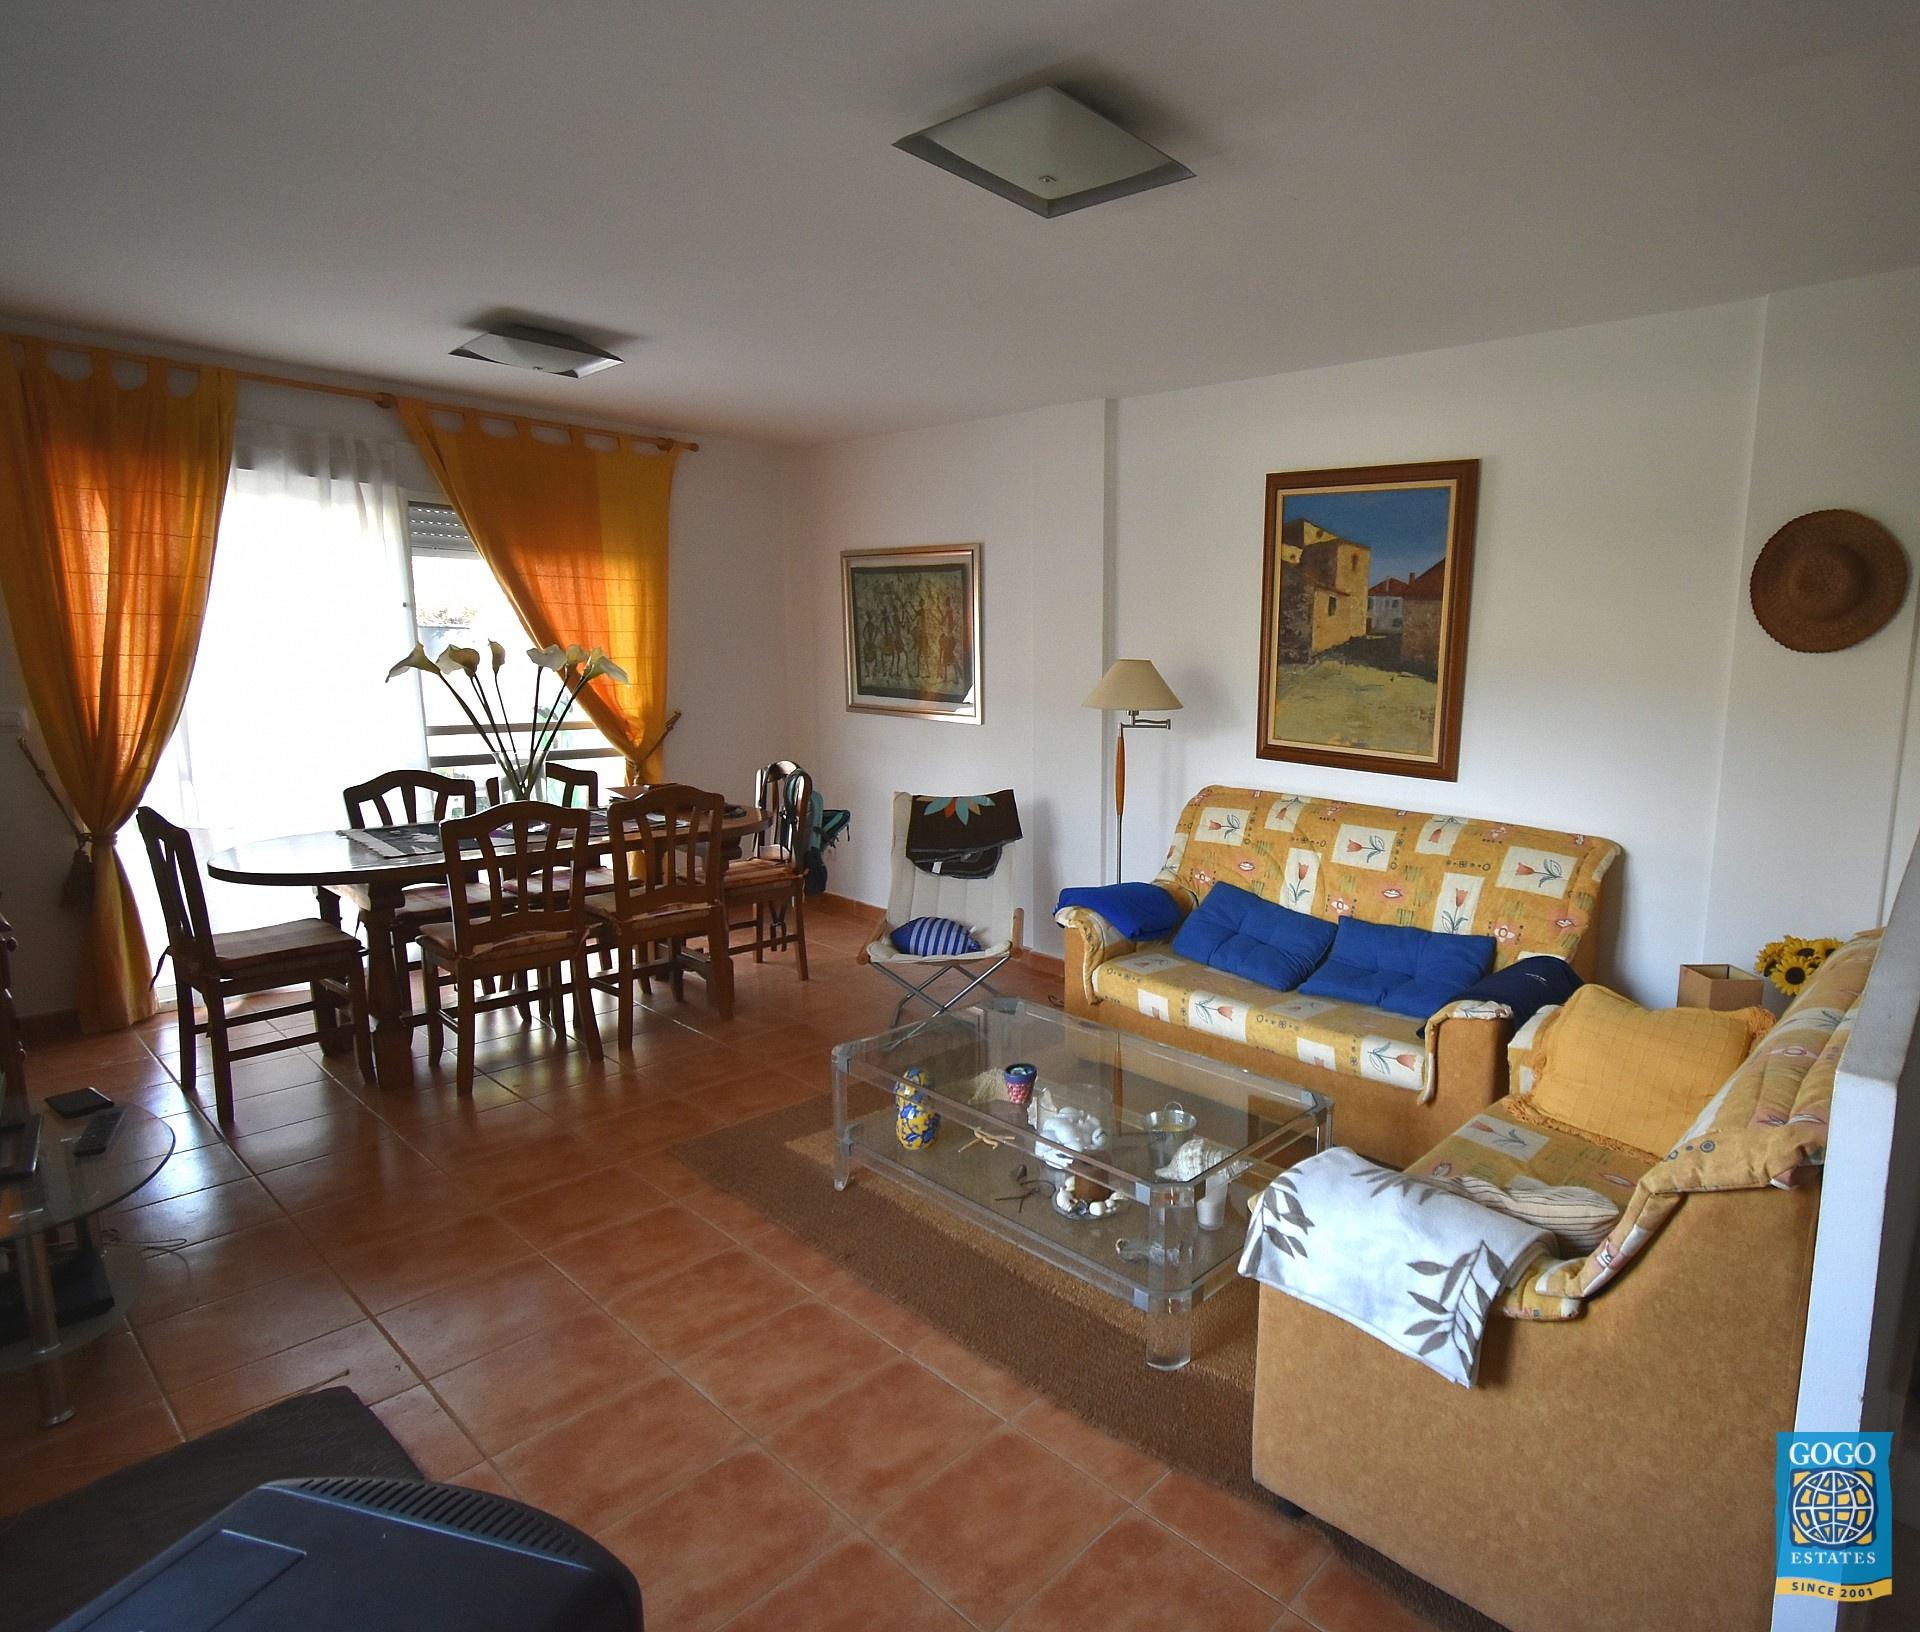 Duplex te huur met garage in Águilas Murcia